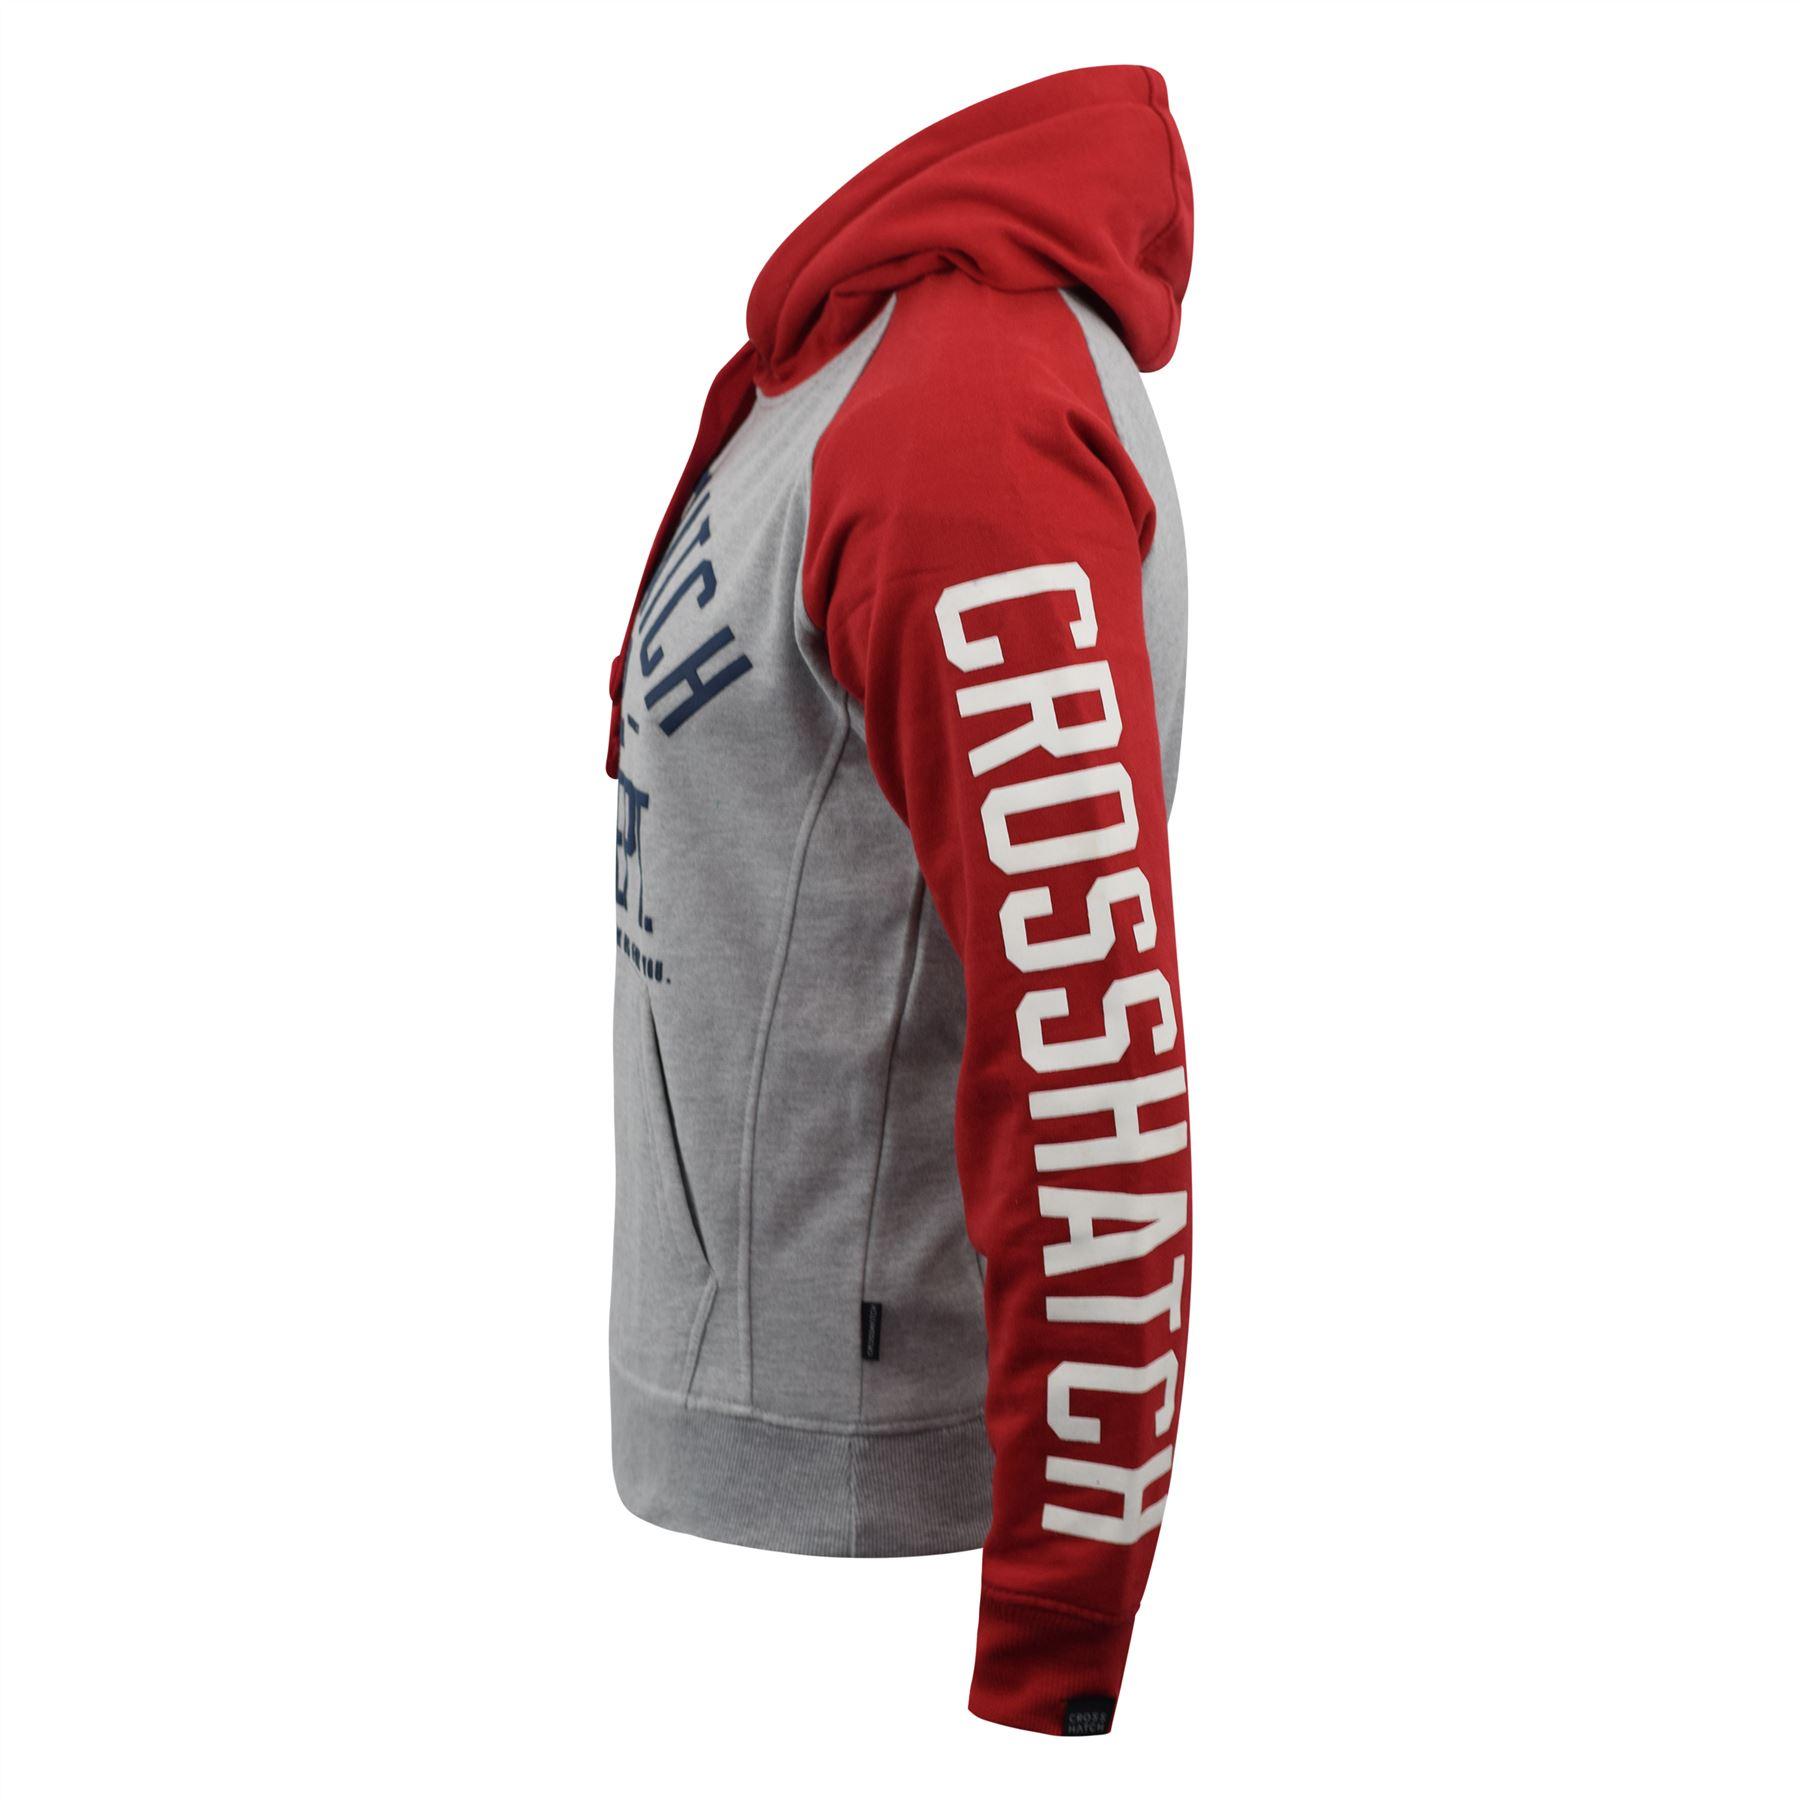 Mens-Hoodie-Crosshatch-Sweatshirt-Hooded-Jumper-Top-Pullover-TEMPTONS thumbnail 9